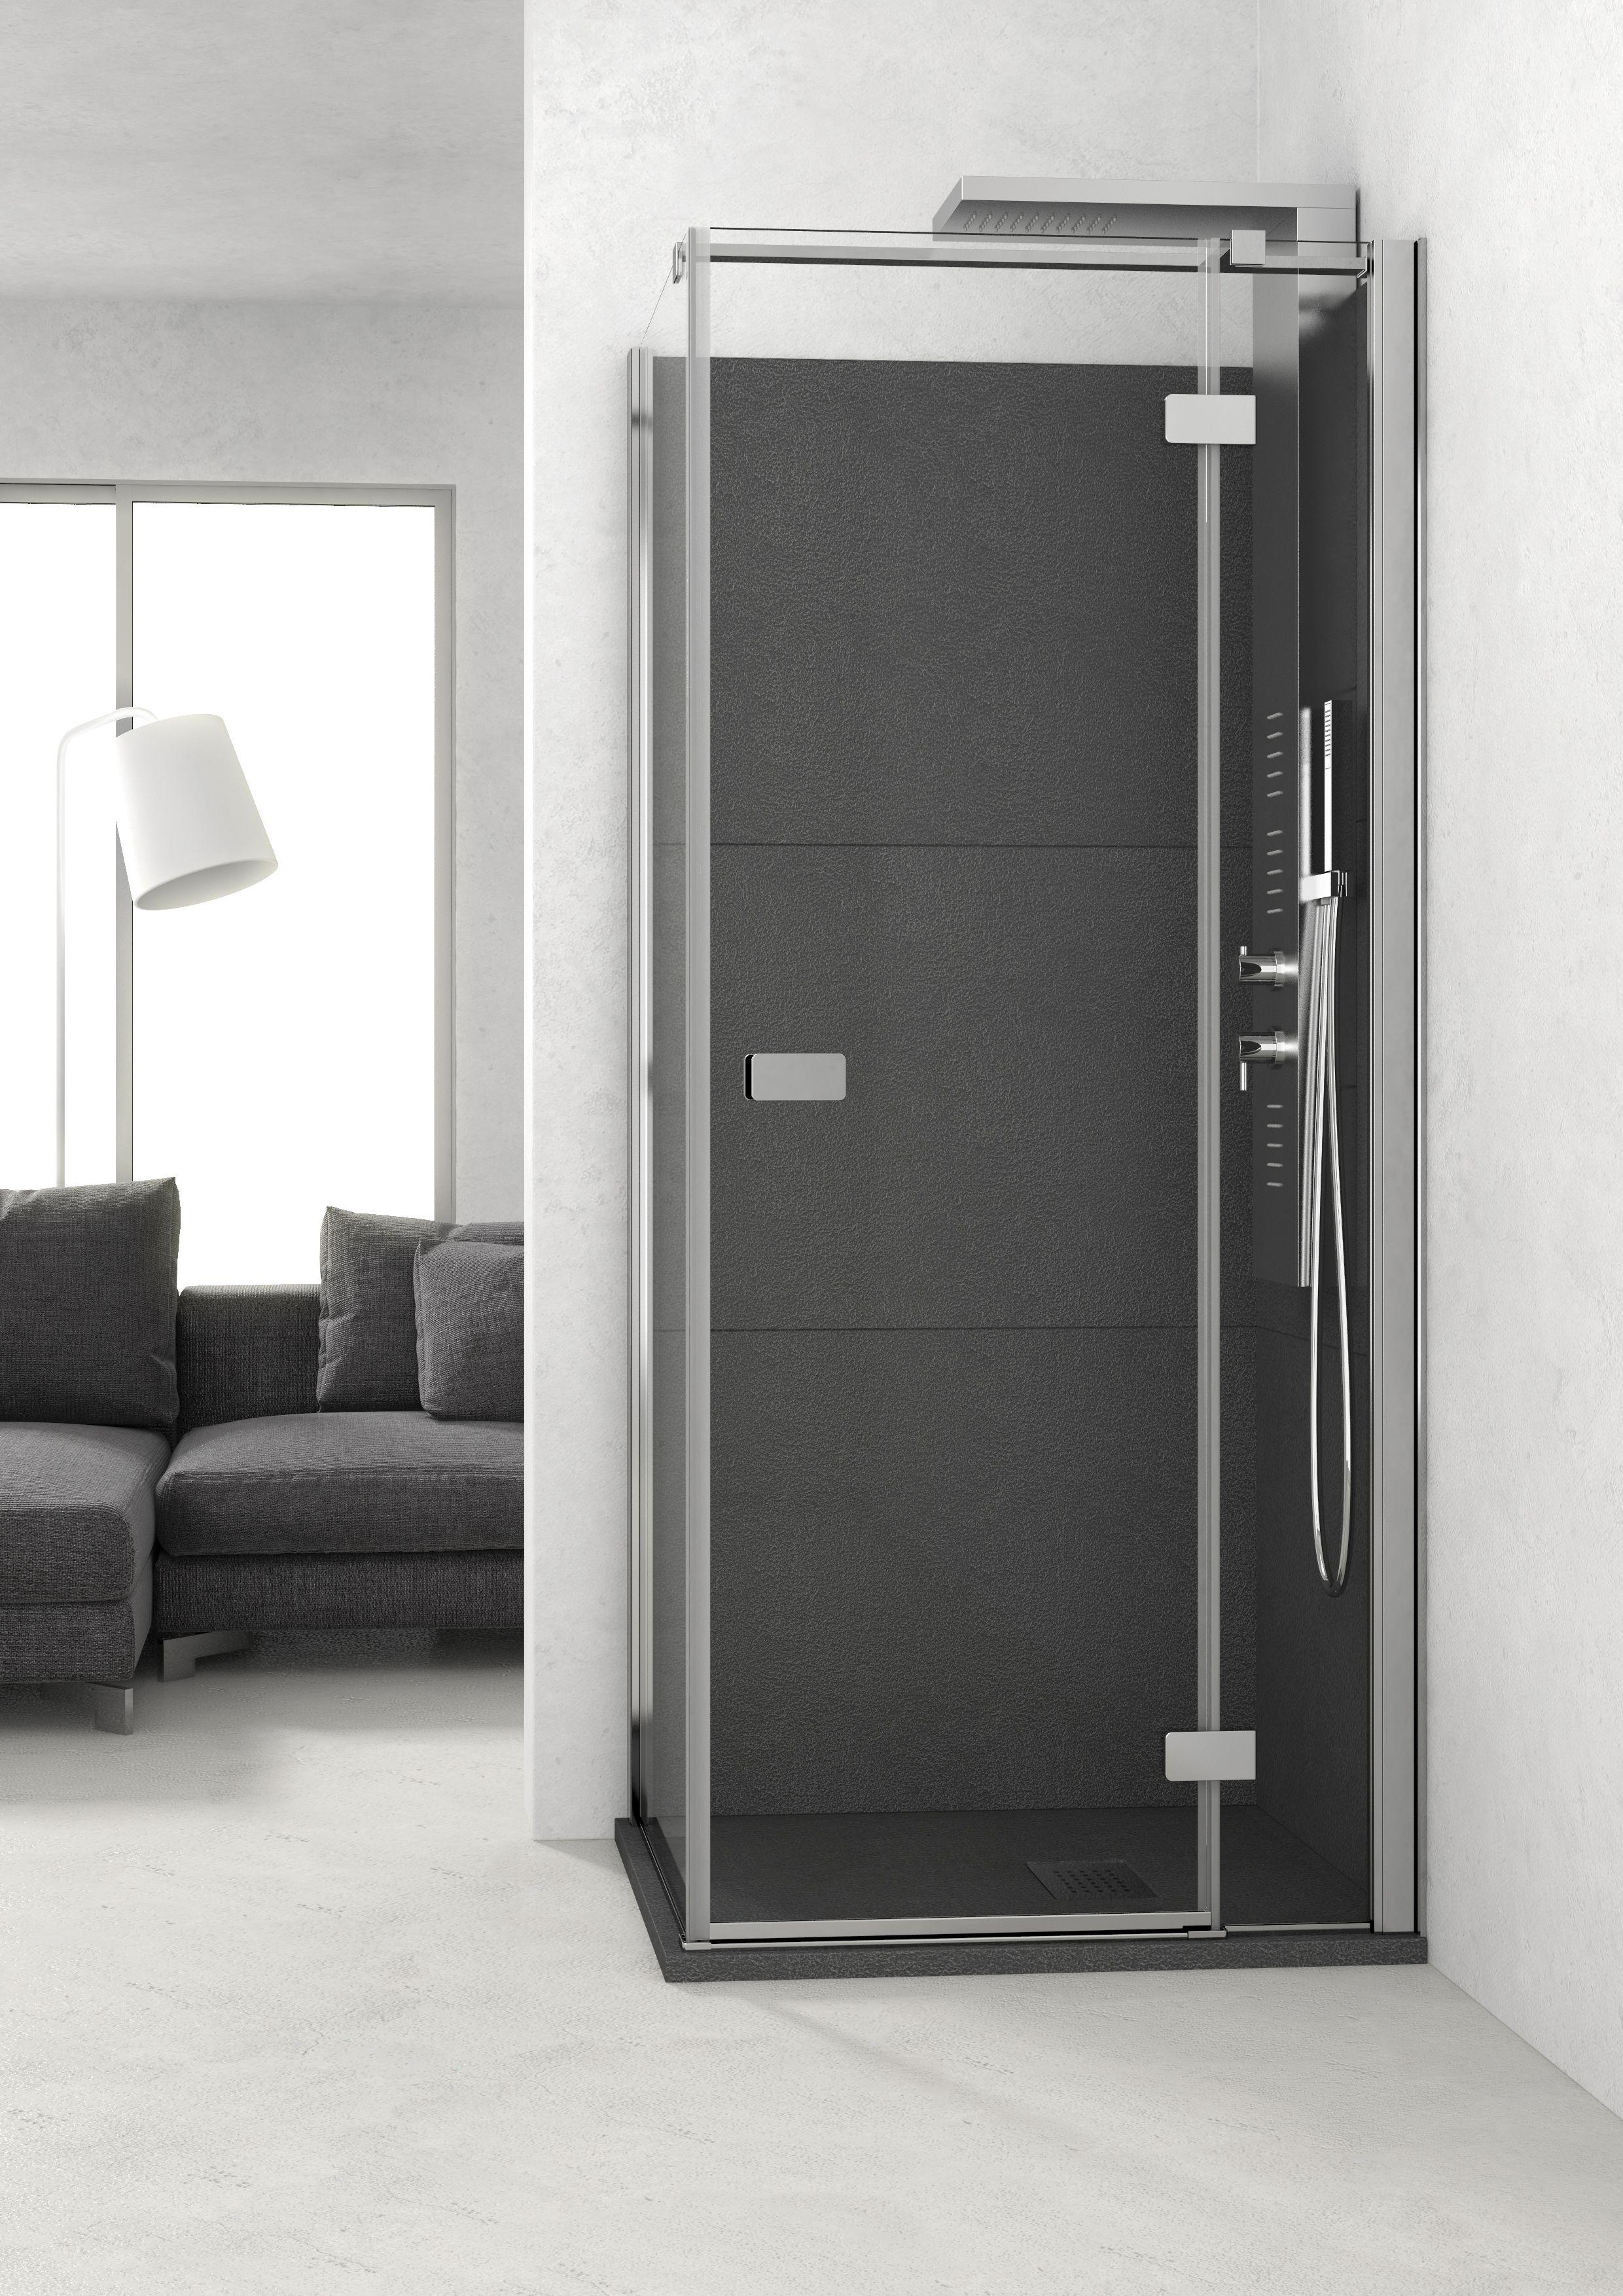 Ardesia wall i nuovi pannelli di rivestimento per - Pannelli per rivestimento interno doccia ...